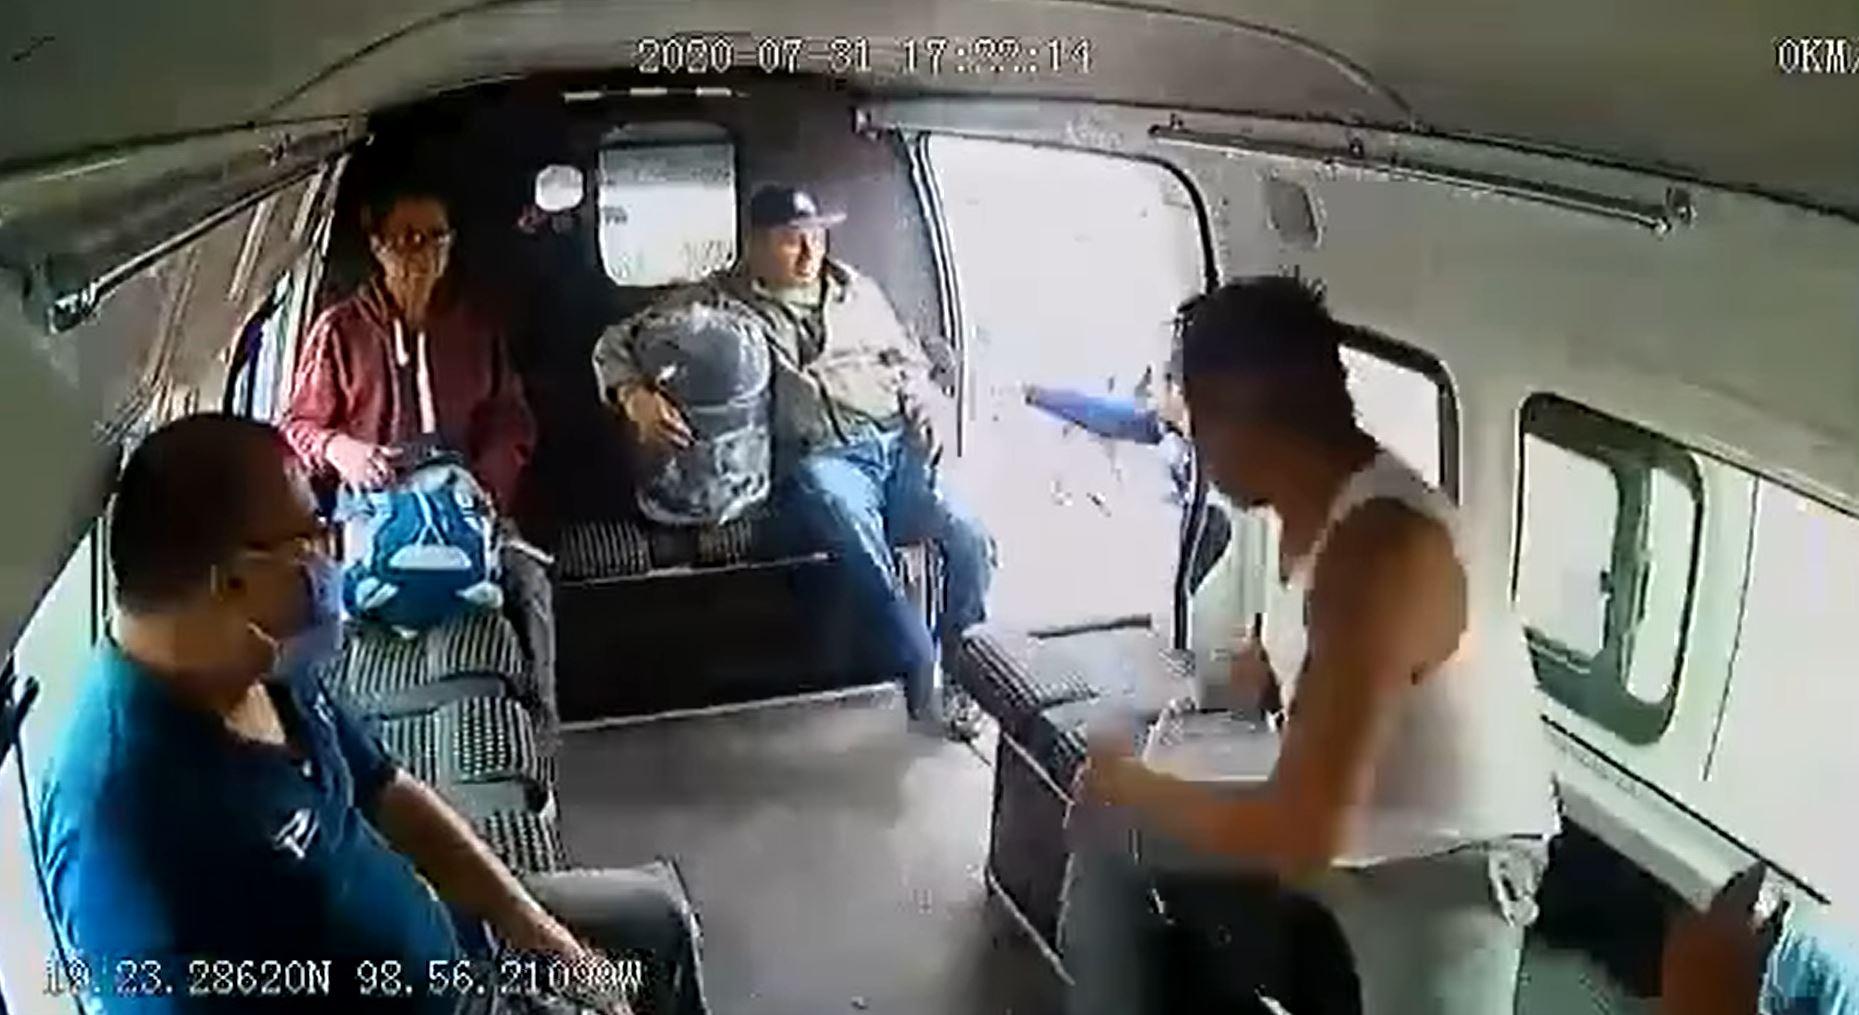 [Video] Hombre asalta transporte público y pasajeros lo golpean en Edomex